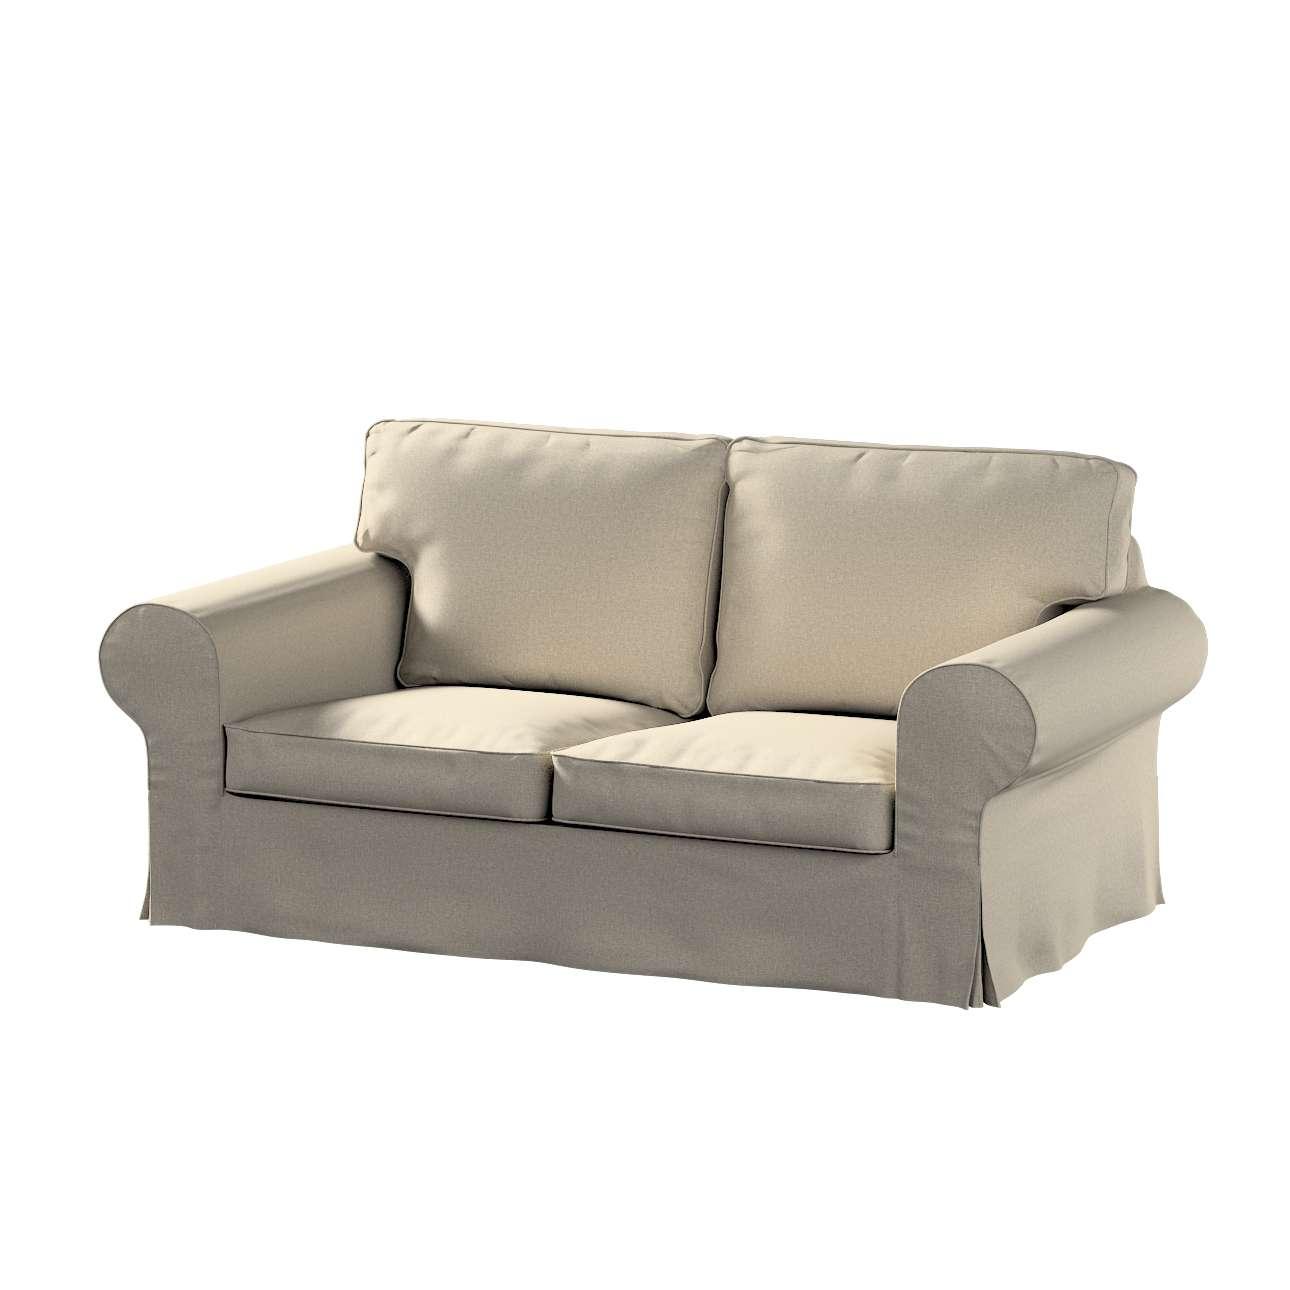 Poťah na sedačku Ektorp (nerozkladá sa, pre 2 osoby) V kolekcii Amsterdam, tkanina: 704-52